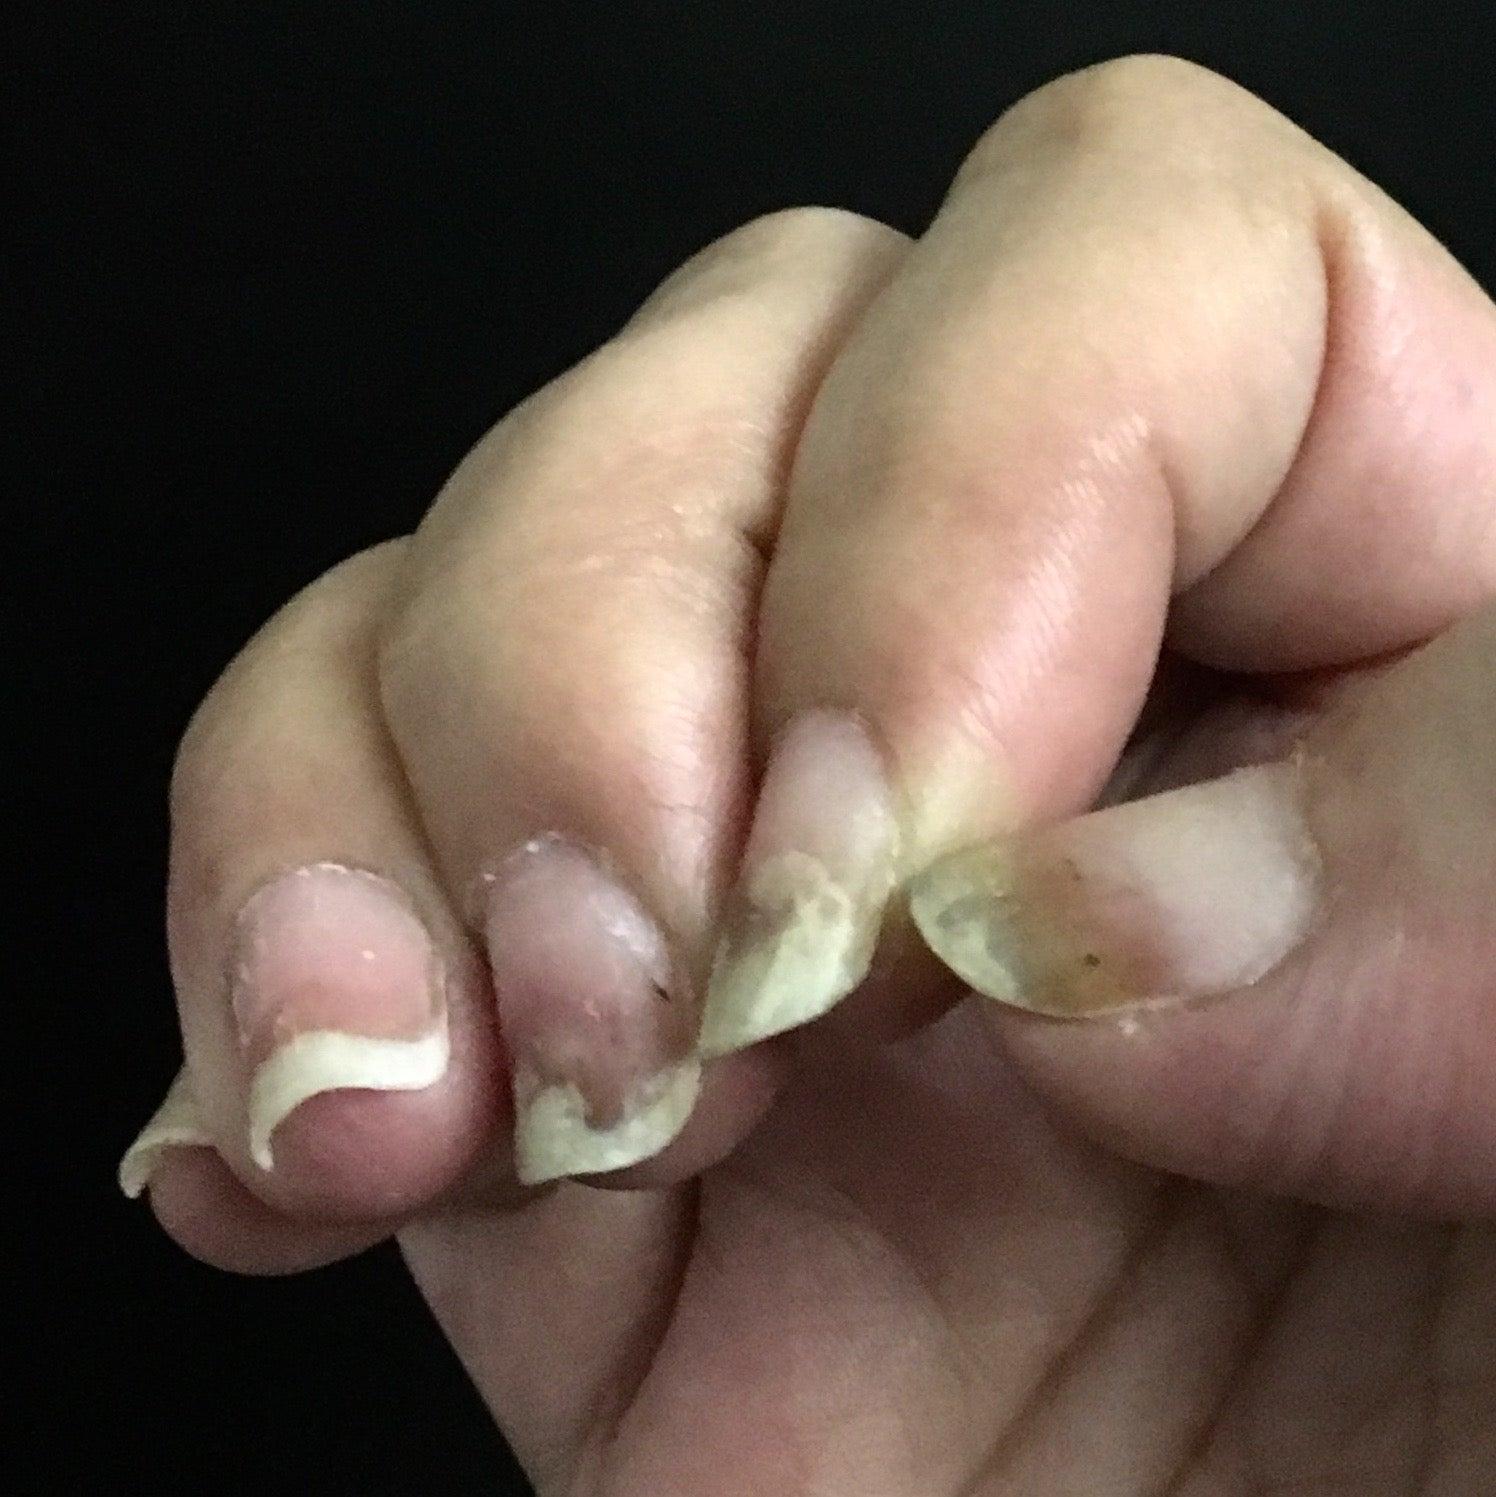 剥がれる 爪 内出血 白クマ先生の子ども診療所 日本医師会